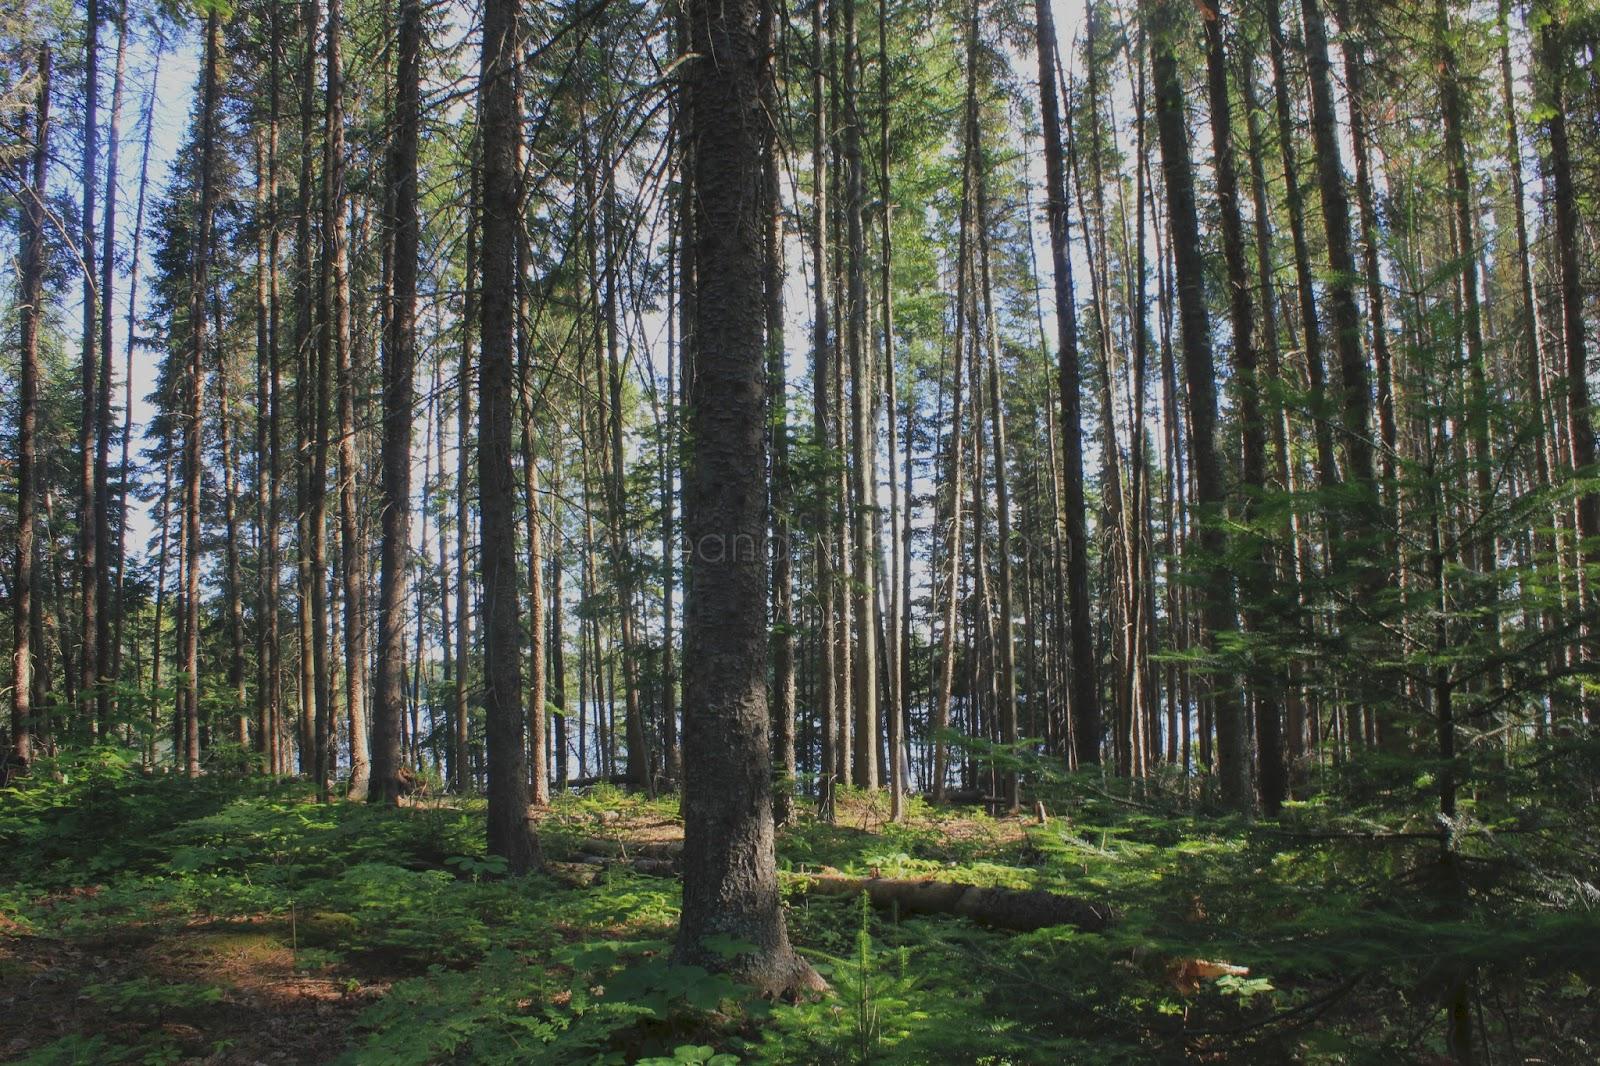 trees in algonquin provincial park, ontario canada